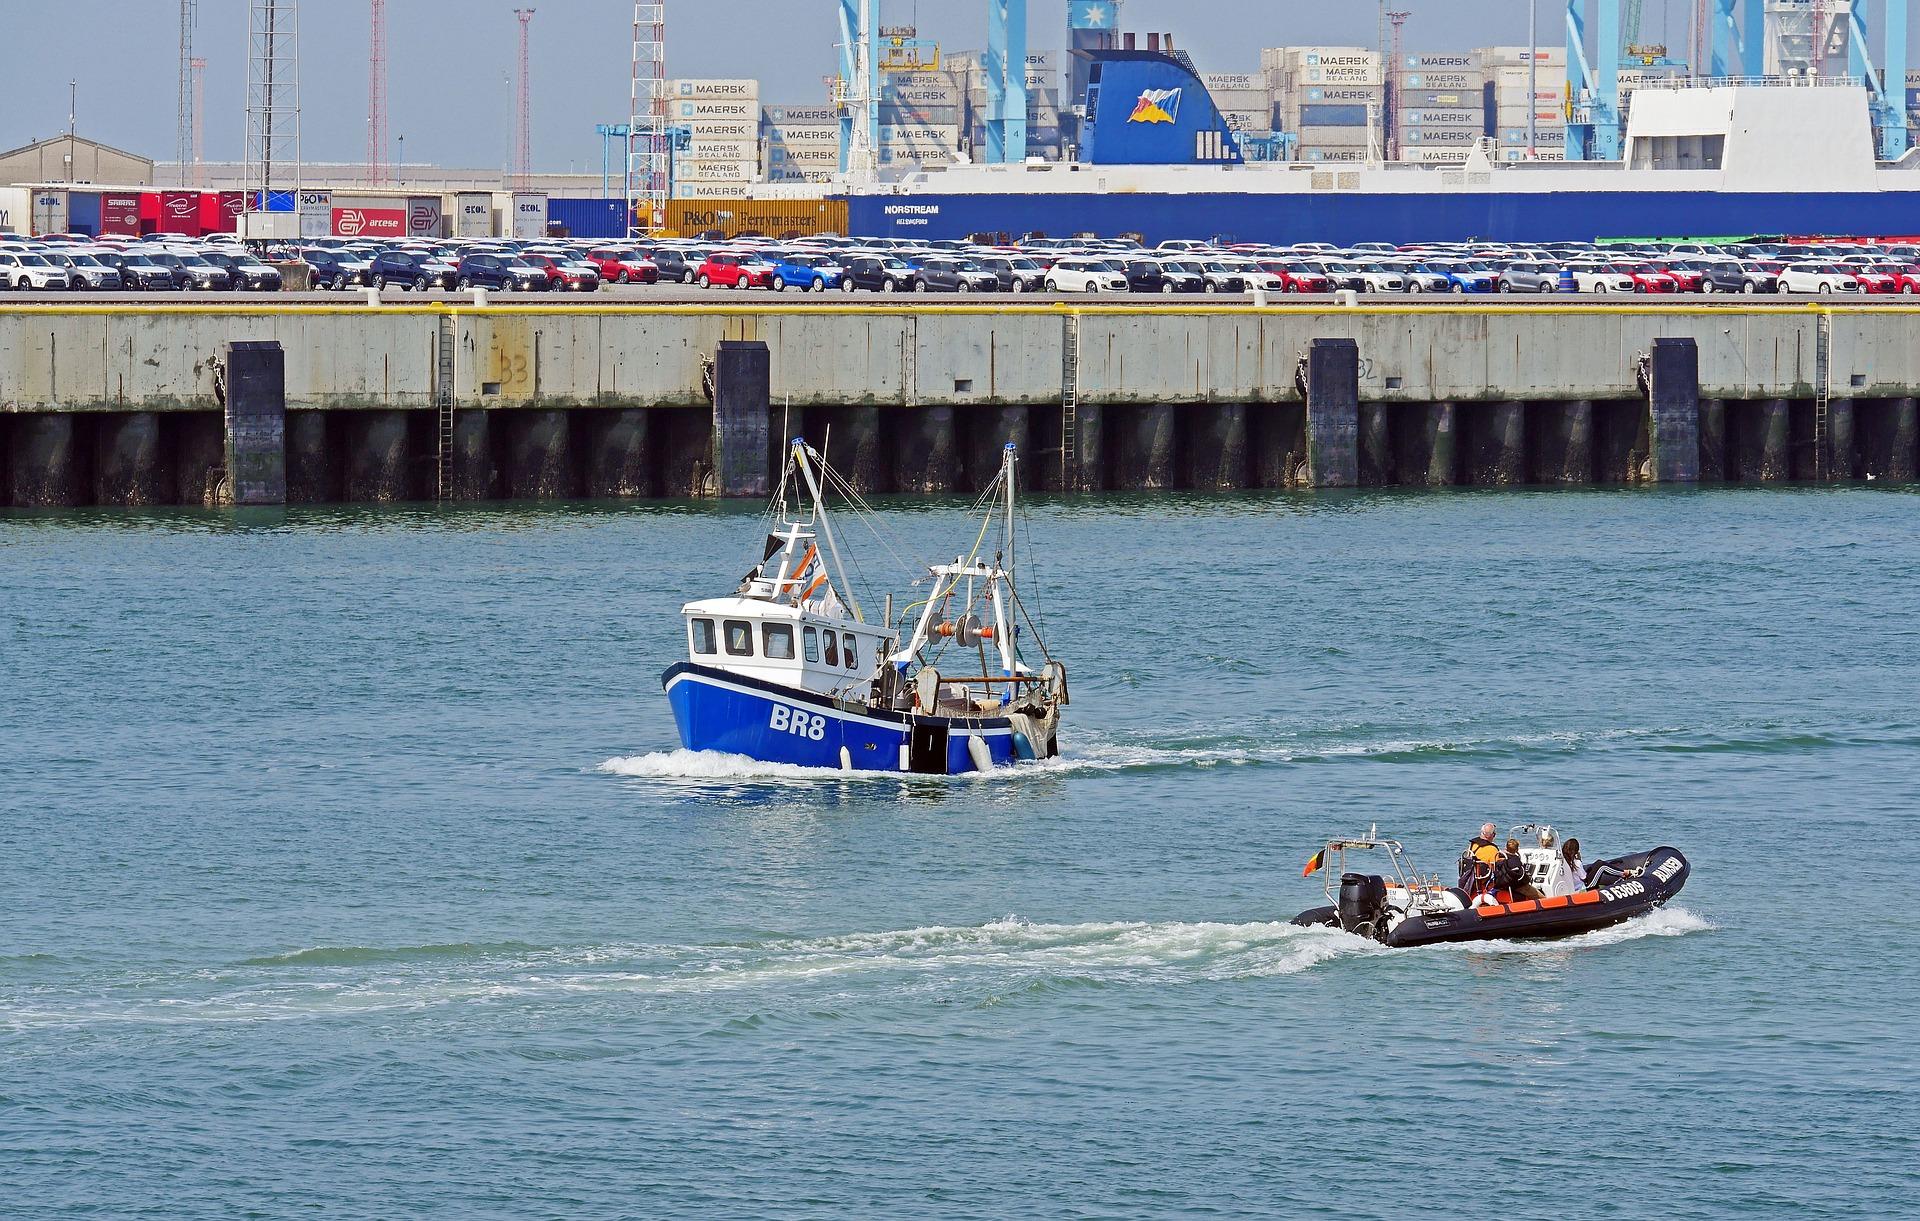 Afbeelding van een vrachtschip in de haven van Zeebrugge